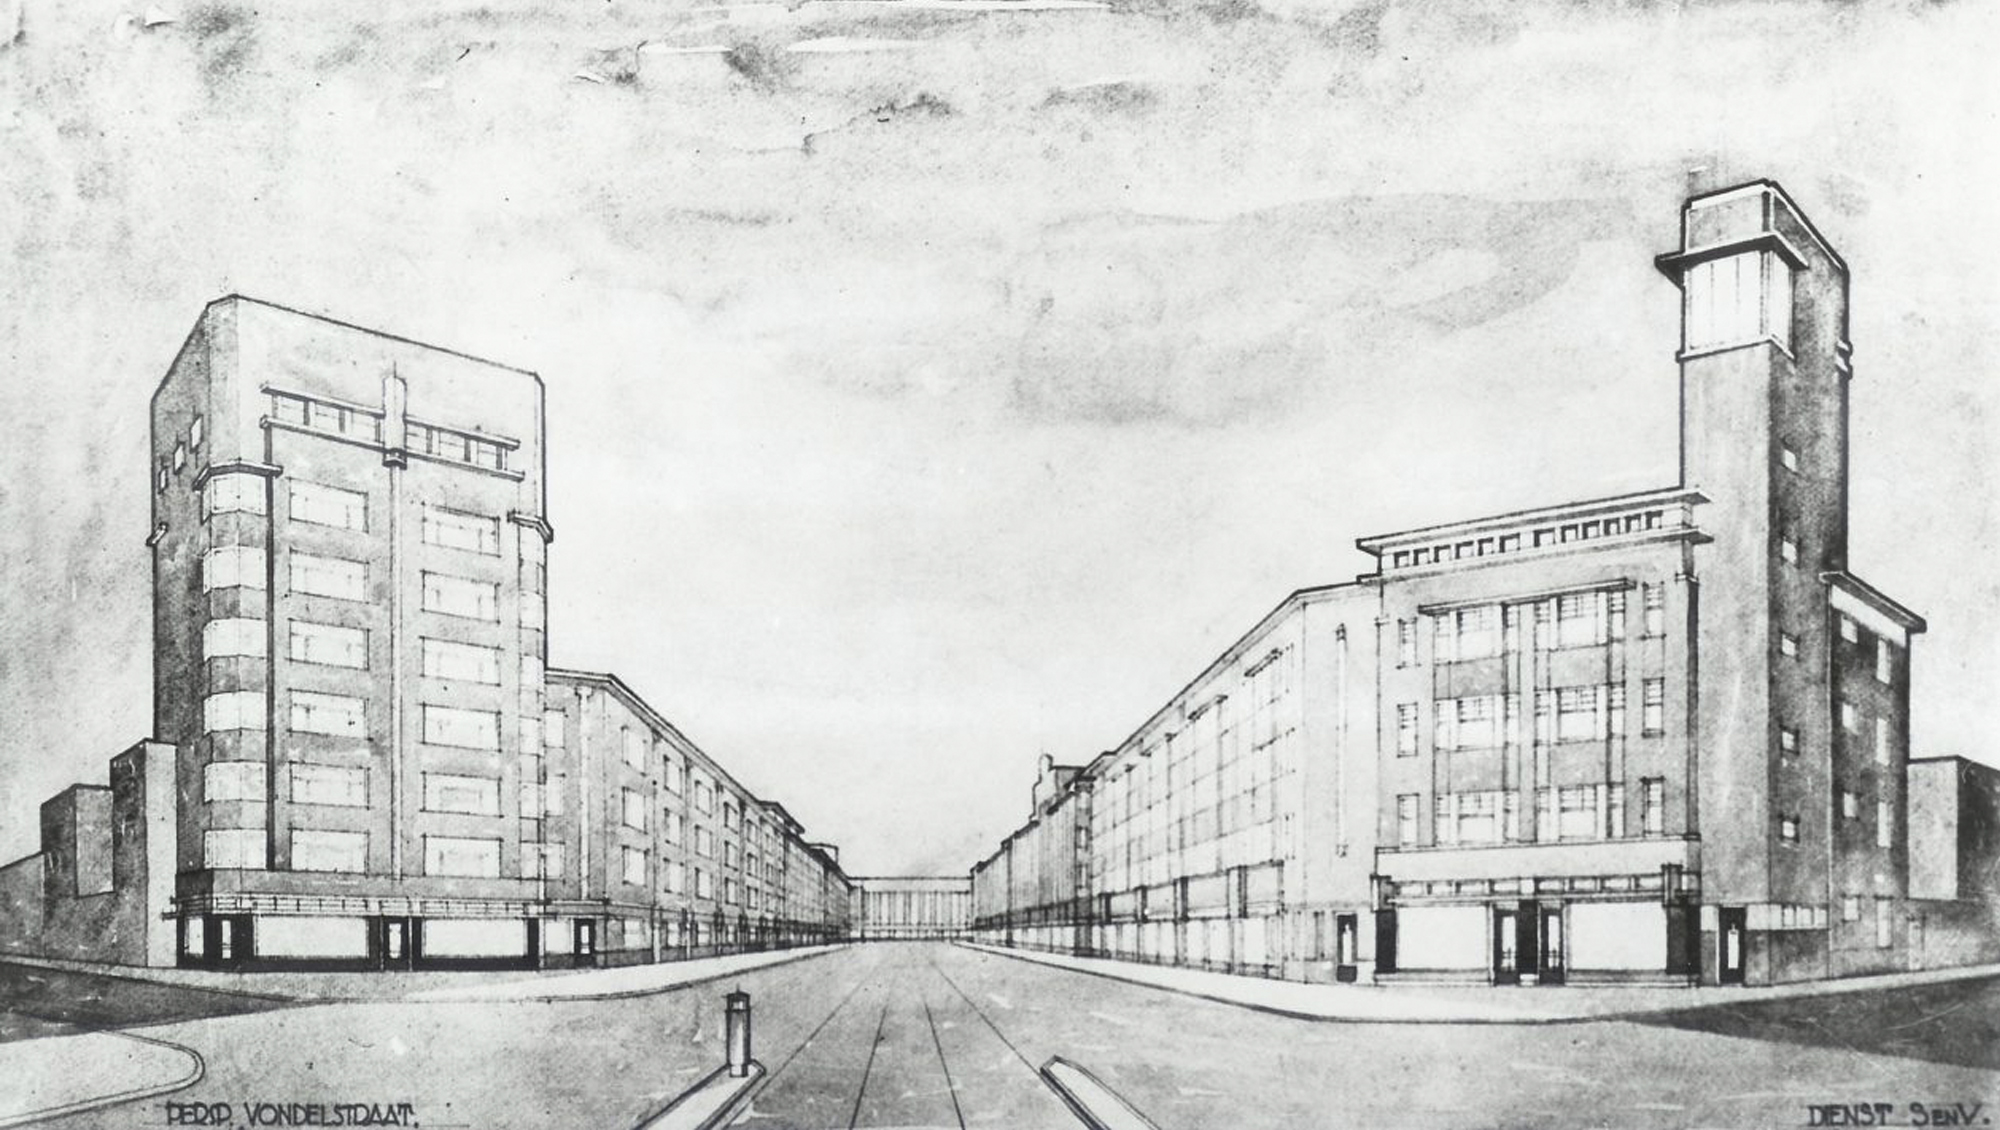 schetsplan Vndelstraat Nieuwe Haagse School stijl